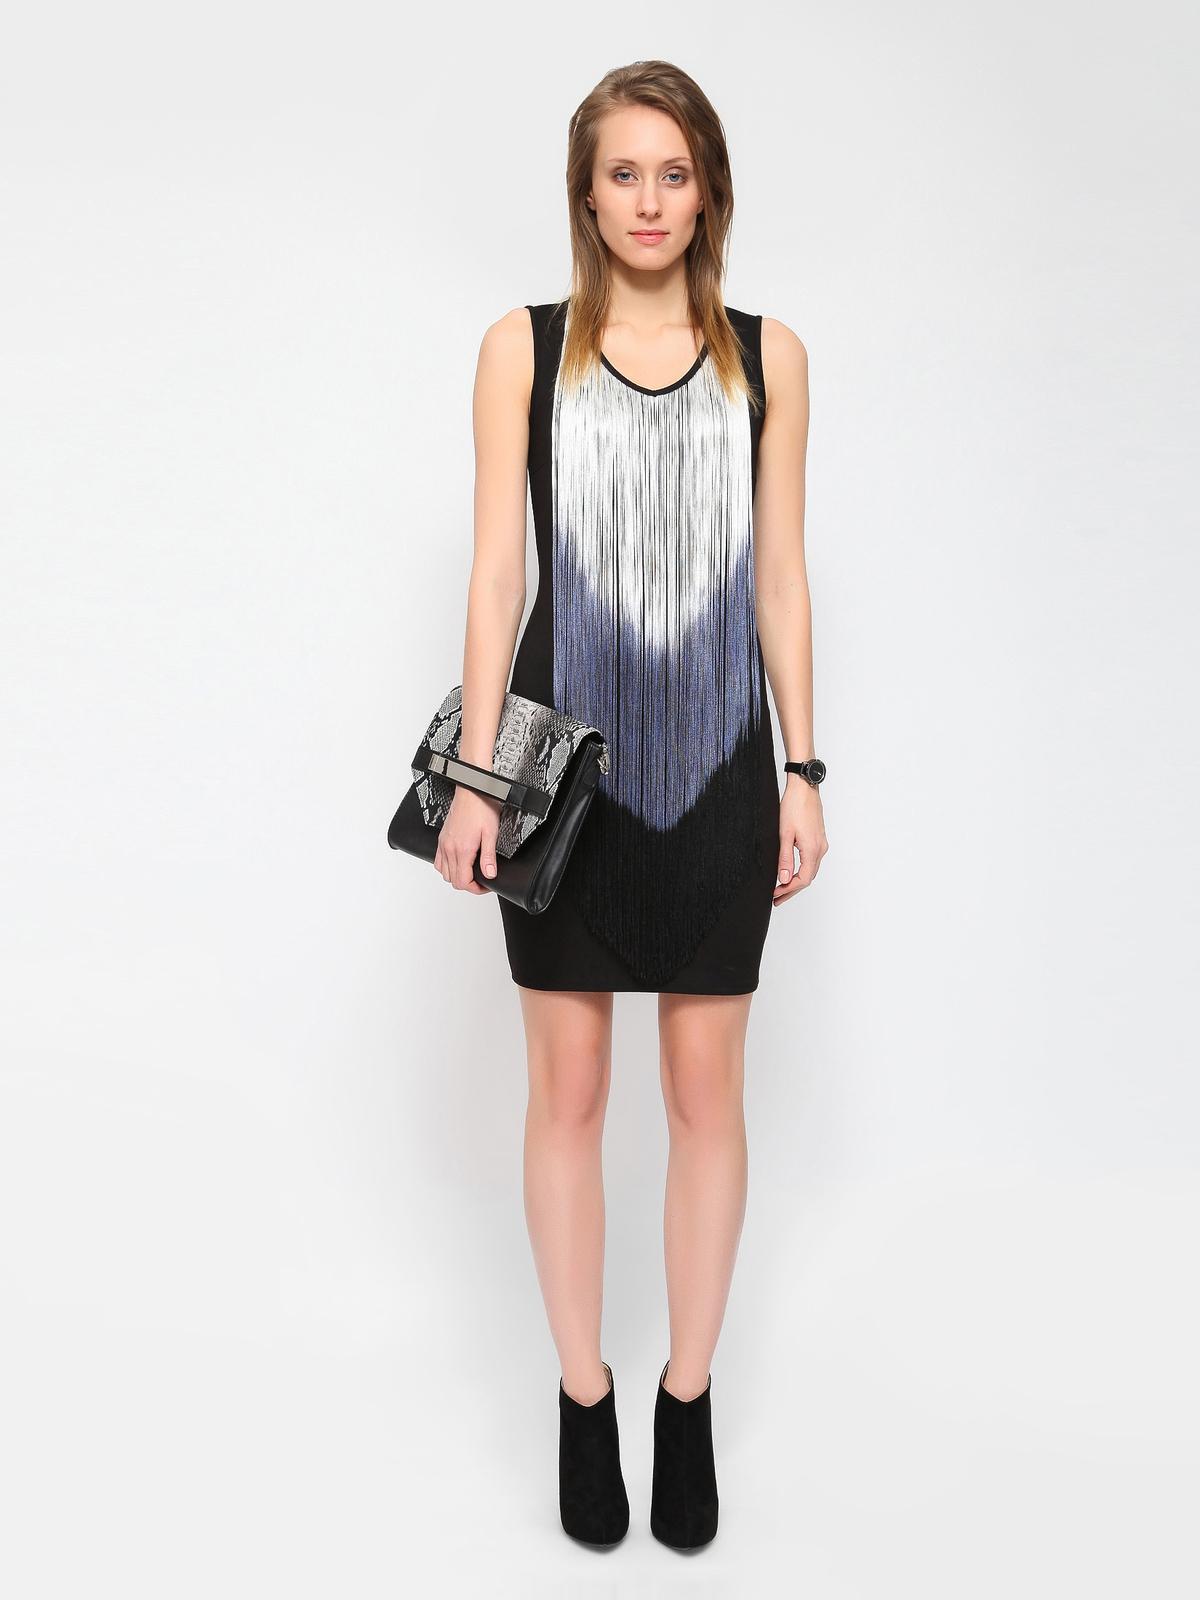 Κομψό φόρεμα σε στενή γραμμή με κρόσια στο μπροστινό μέρος